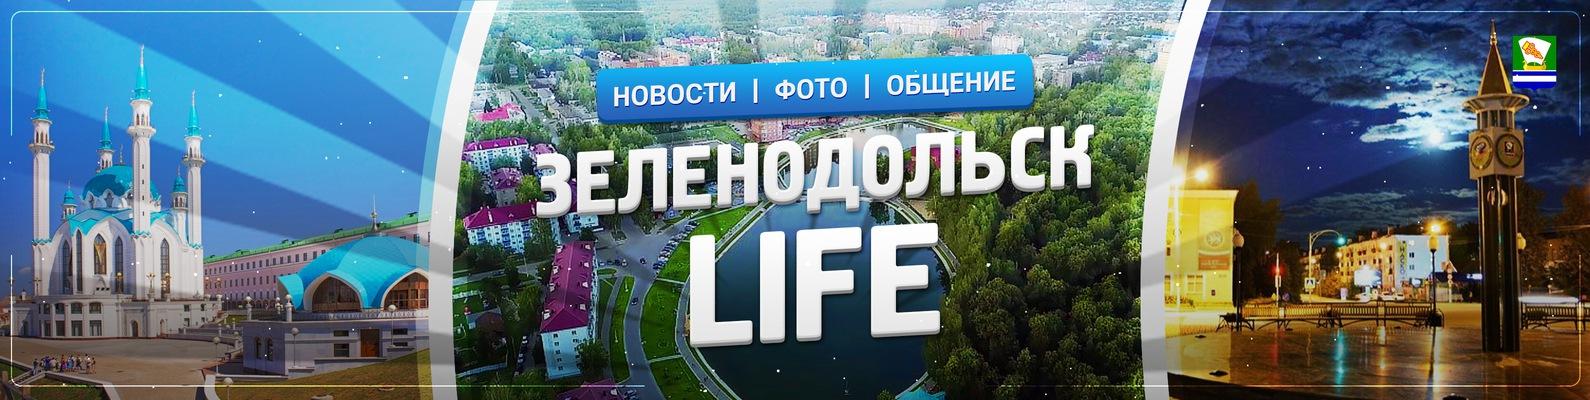 Вызвать шлюх Поселковая ул. шлюхи с выездом Фрунзенская